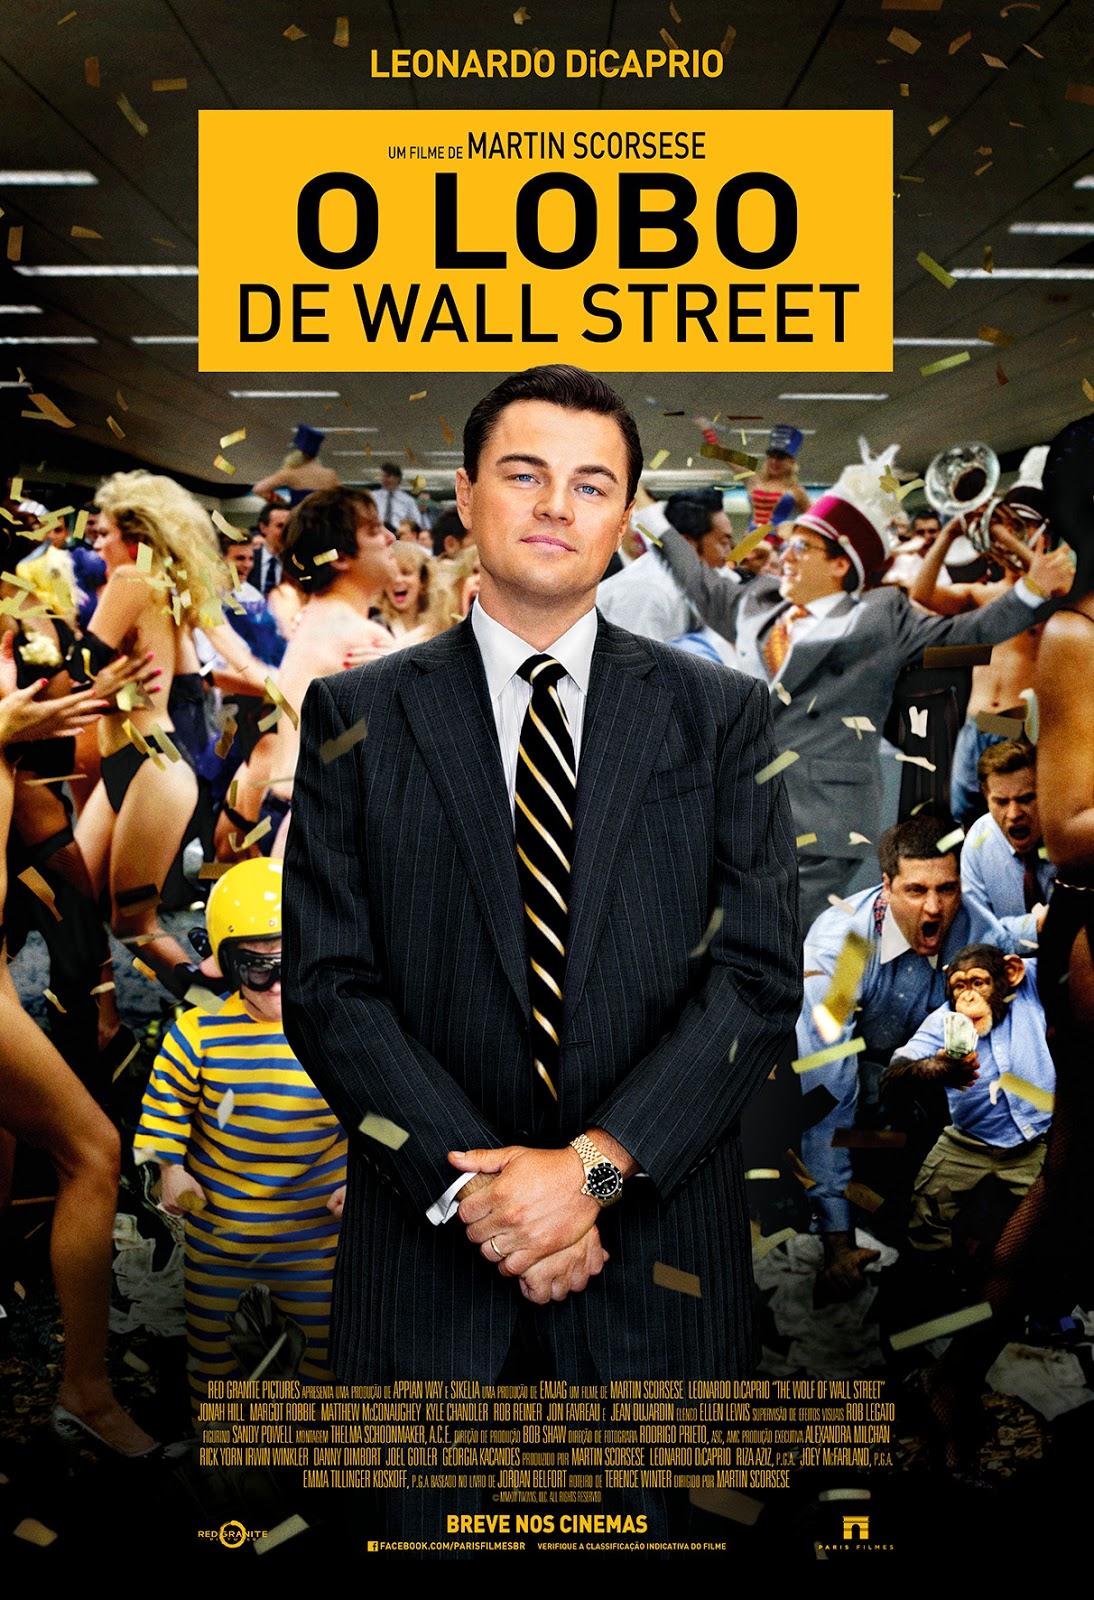 http://www.filmeslivroseseries.com/2014/01/filmes-o-lobo-de-wall-street.html